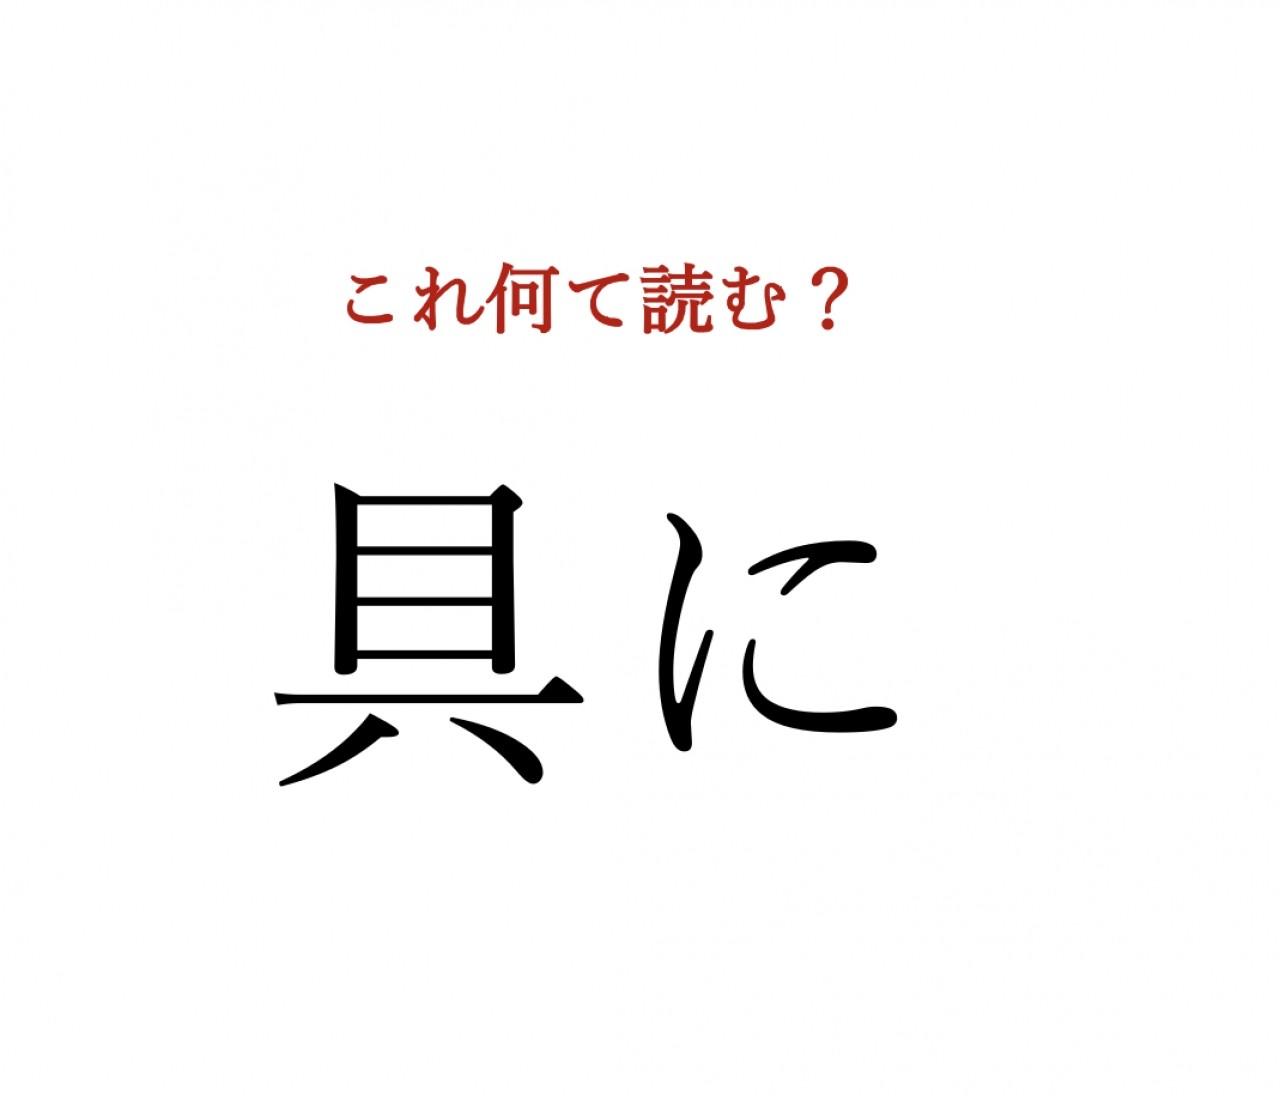 「具に」:この漢字、自信を持って読めますか?【働く大人の漢字クイズvol.11】